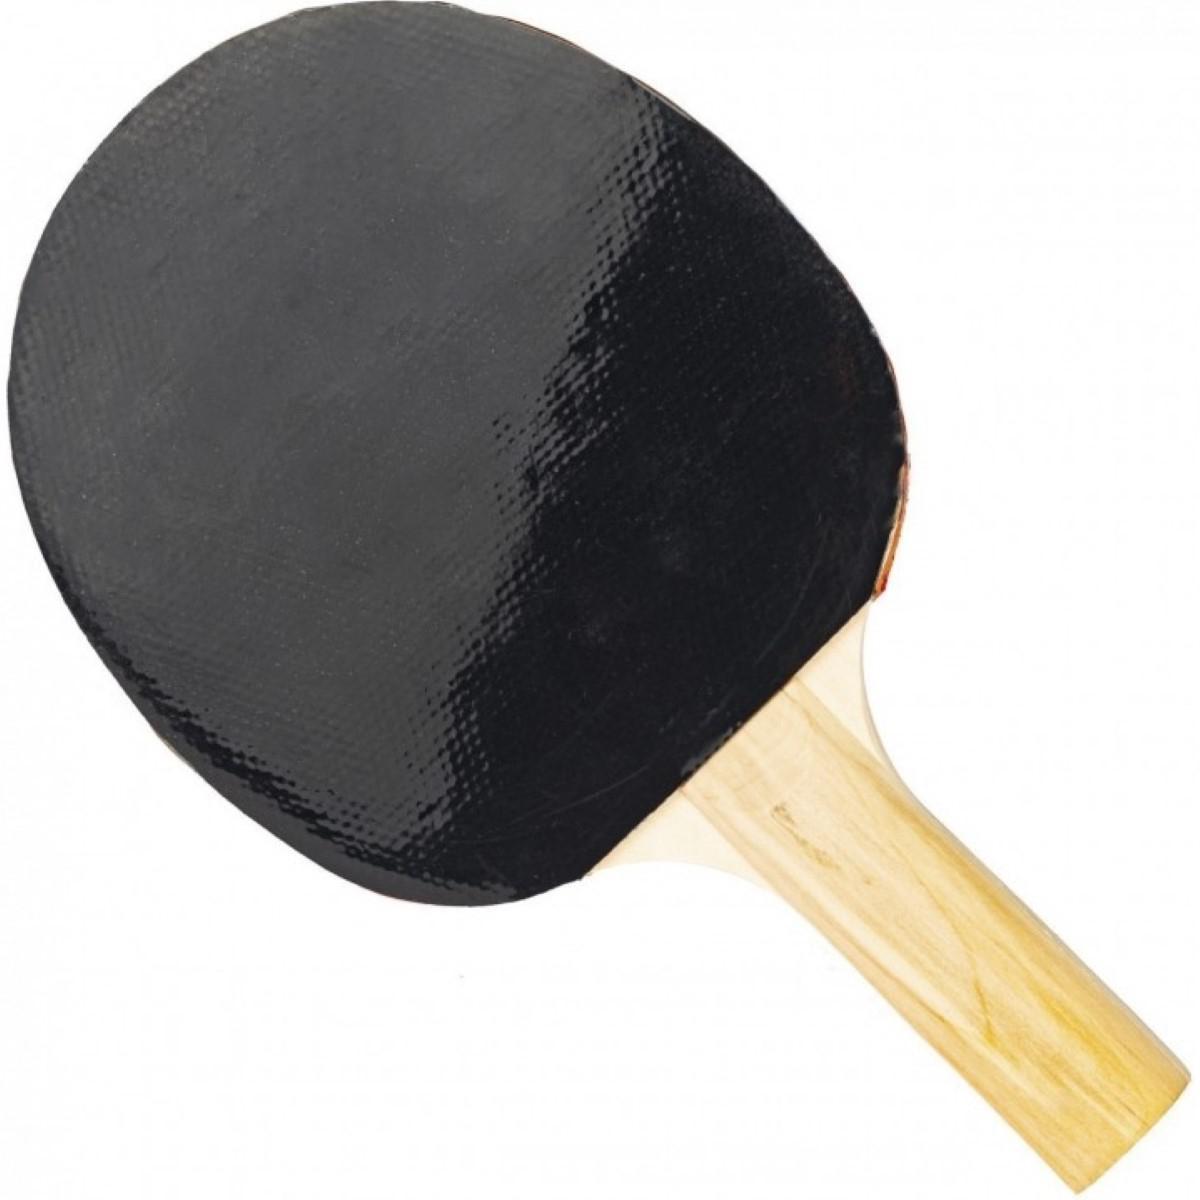 Raquete Tenis de Mesa Ping Pong Liveup